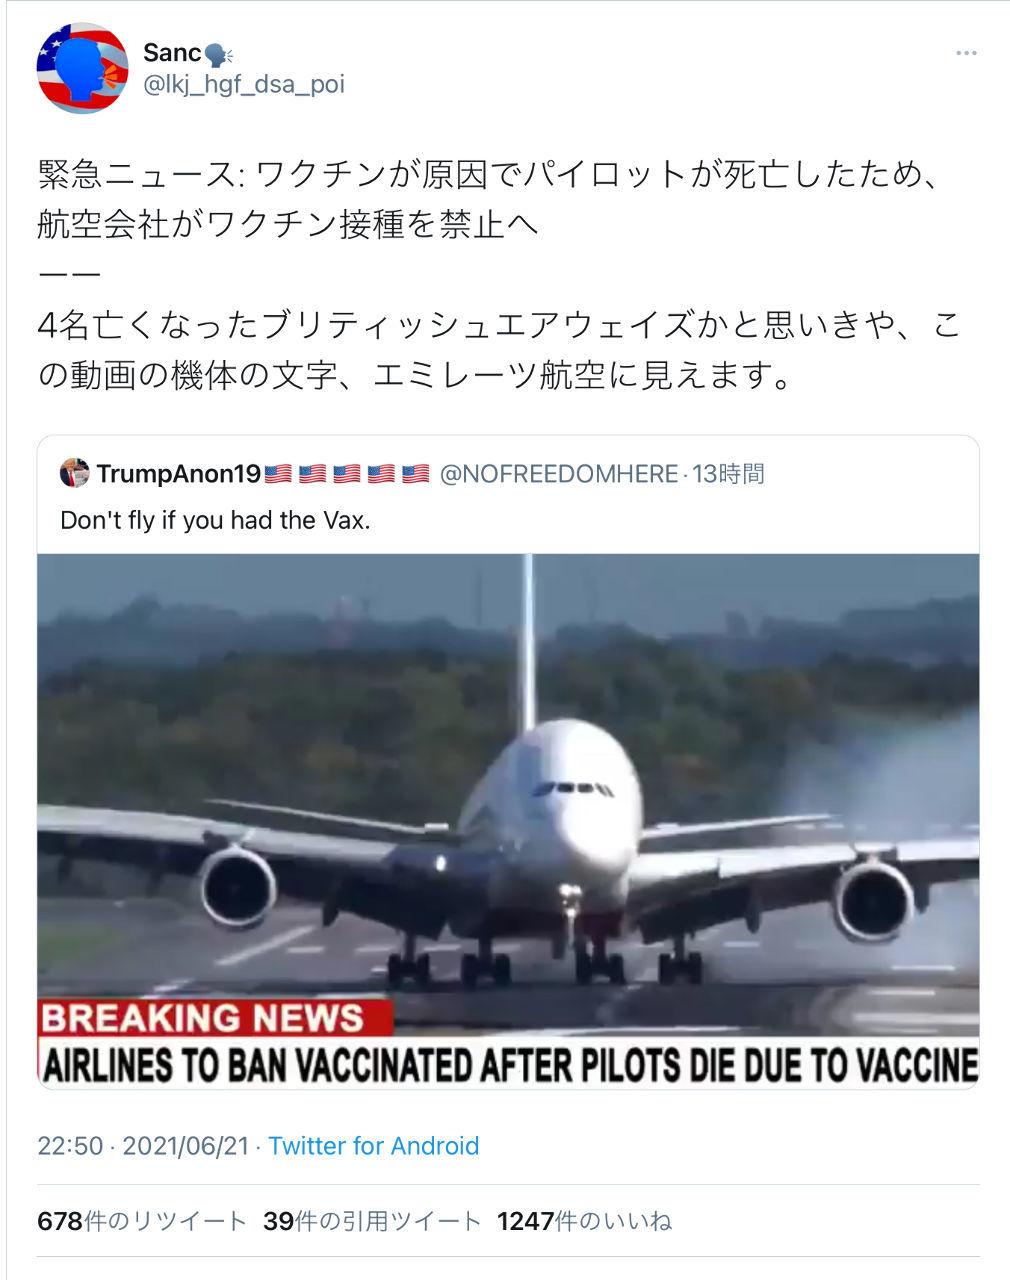 くるみぱん2 しばらく、飛行機乗らない方がいいよ、めっちゃ、☠️💉だよ、  結局、ワクチン接種者は、血栓できるから